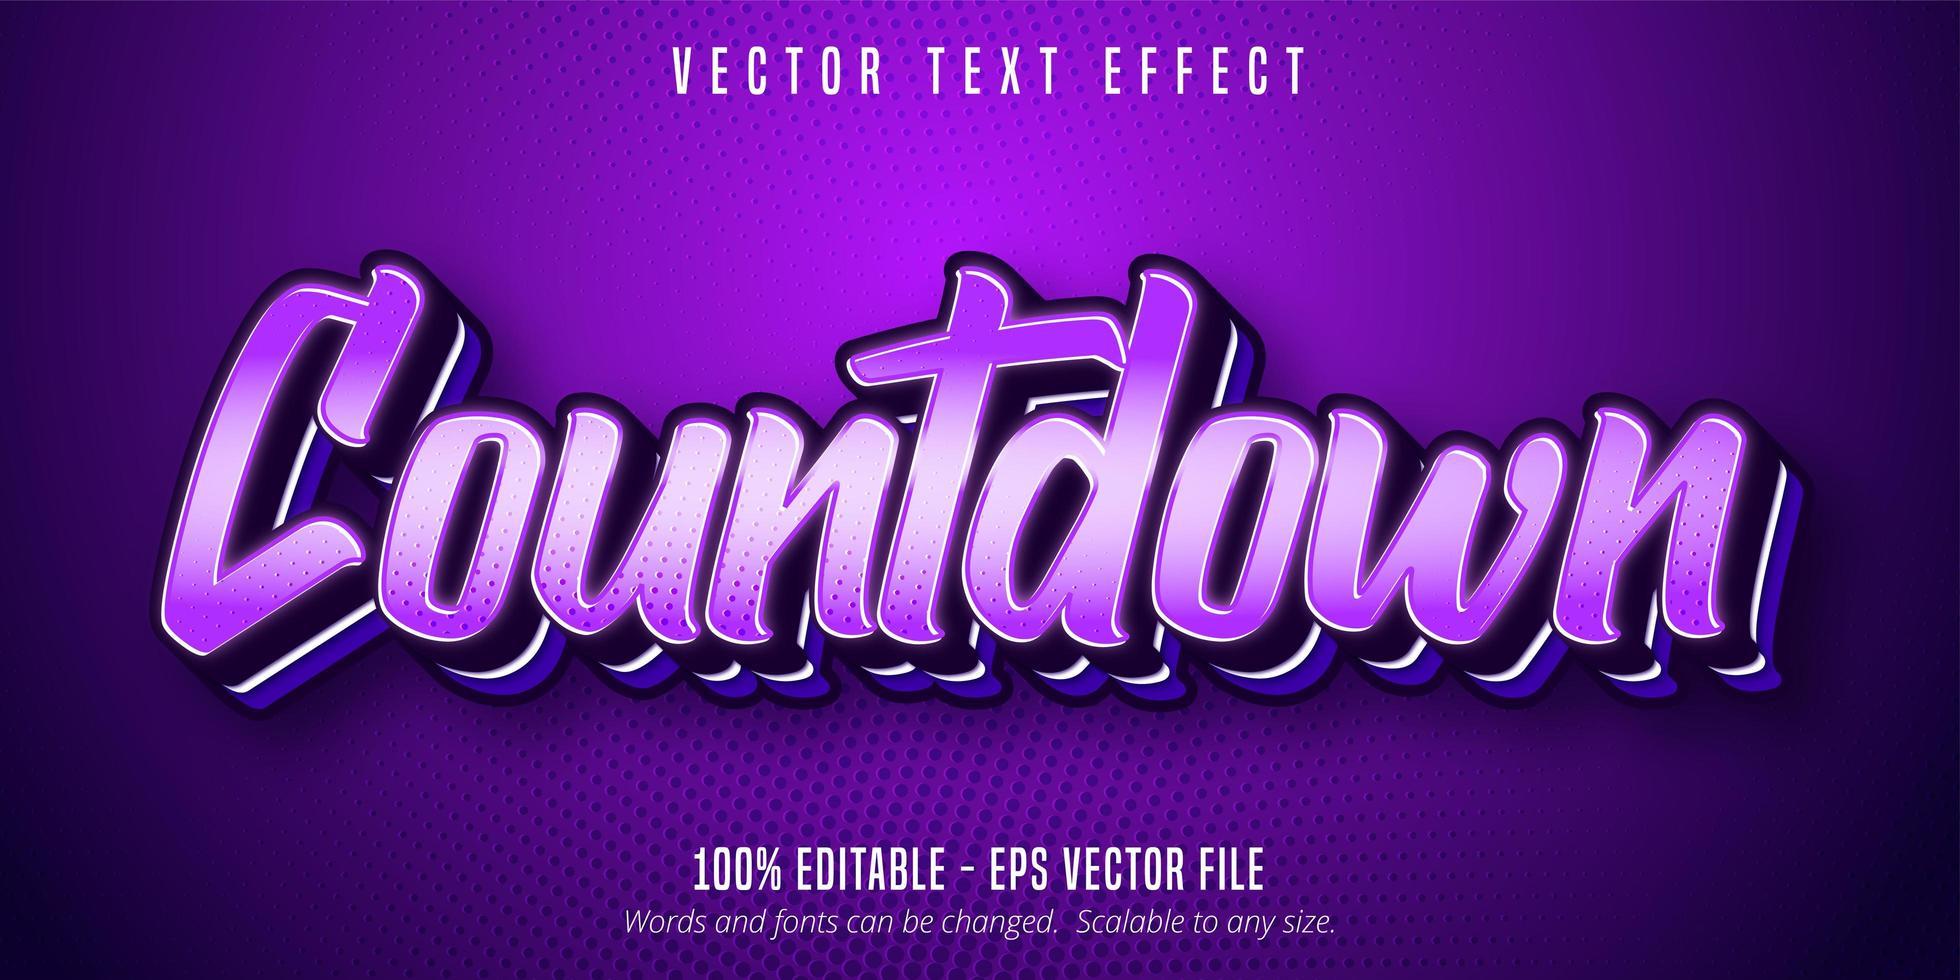 texto de cuenta regresiva, efecto de texto de arte pop de color púrpura vector